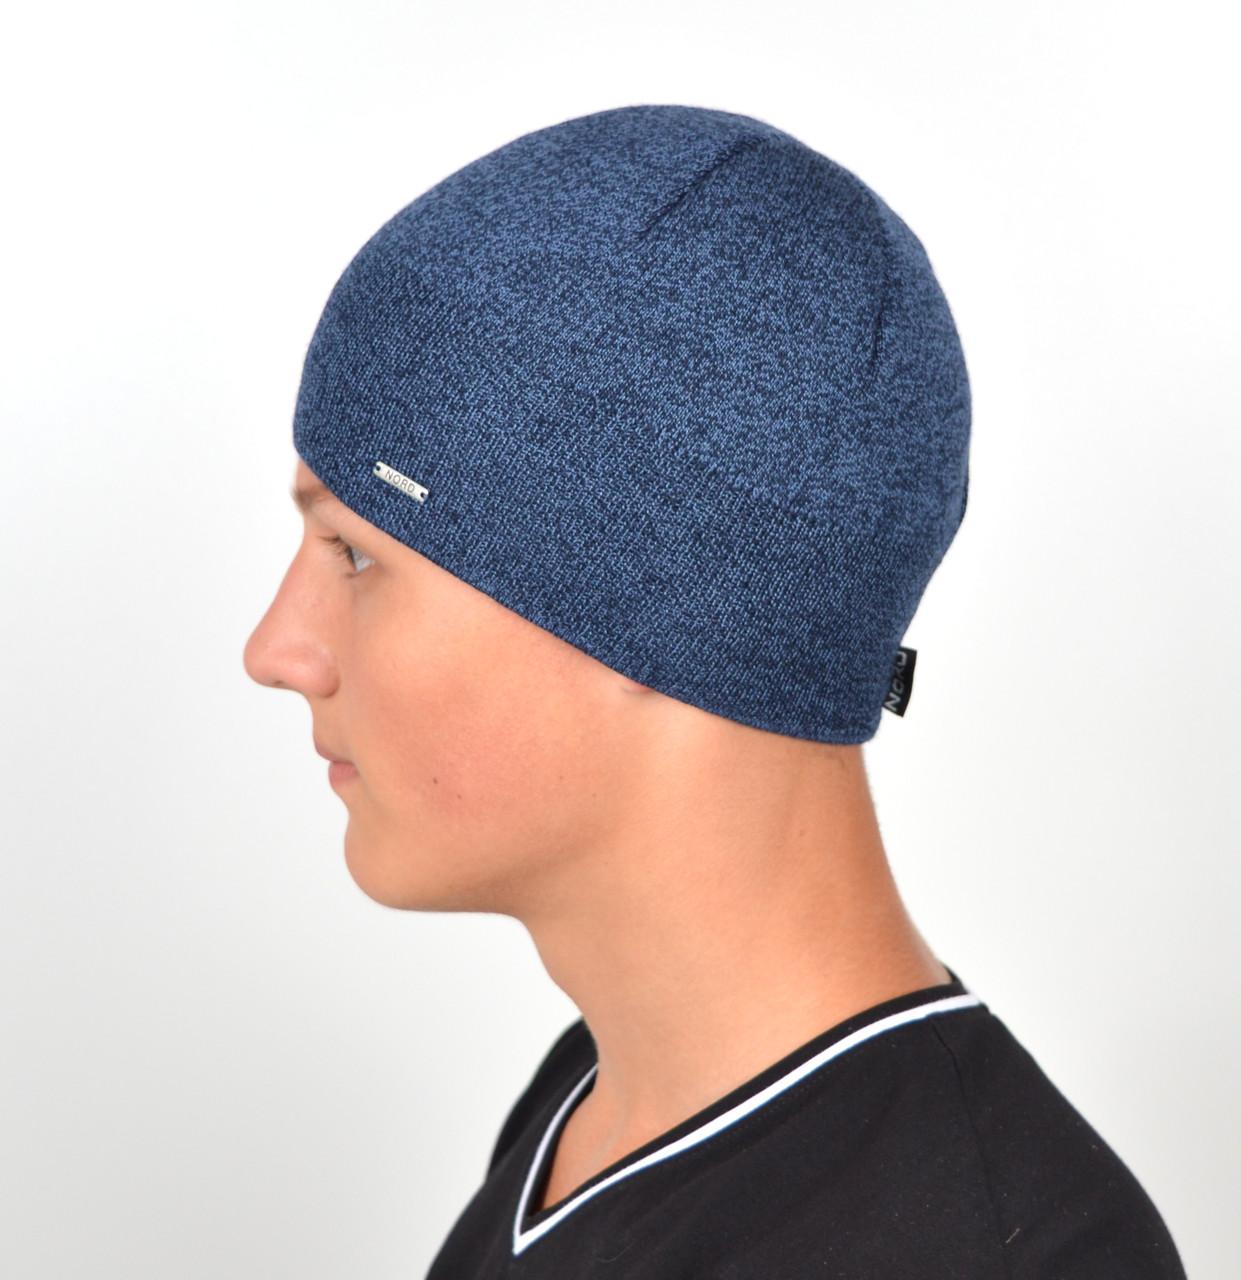 мужская вязаная шапка купить шапки оптом в хмельницком шапки